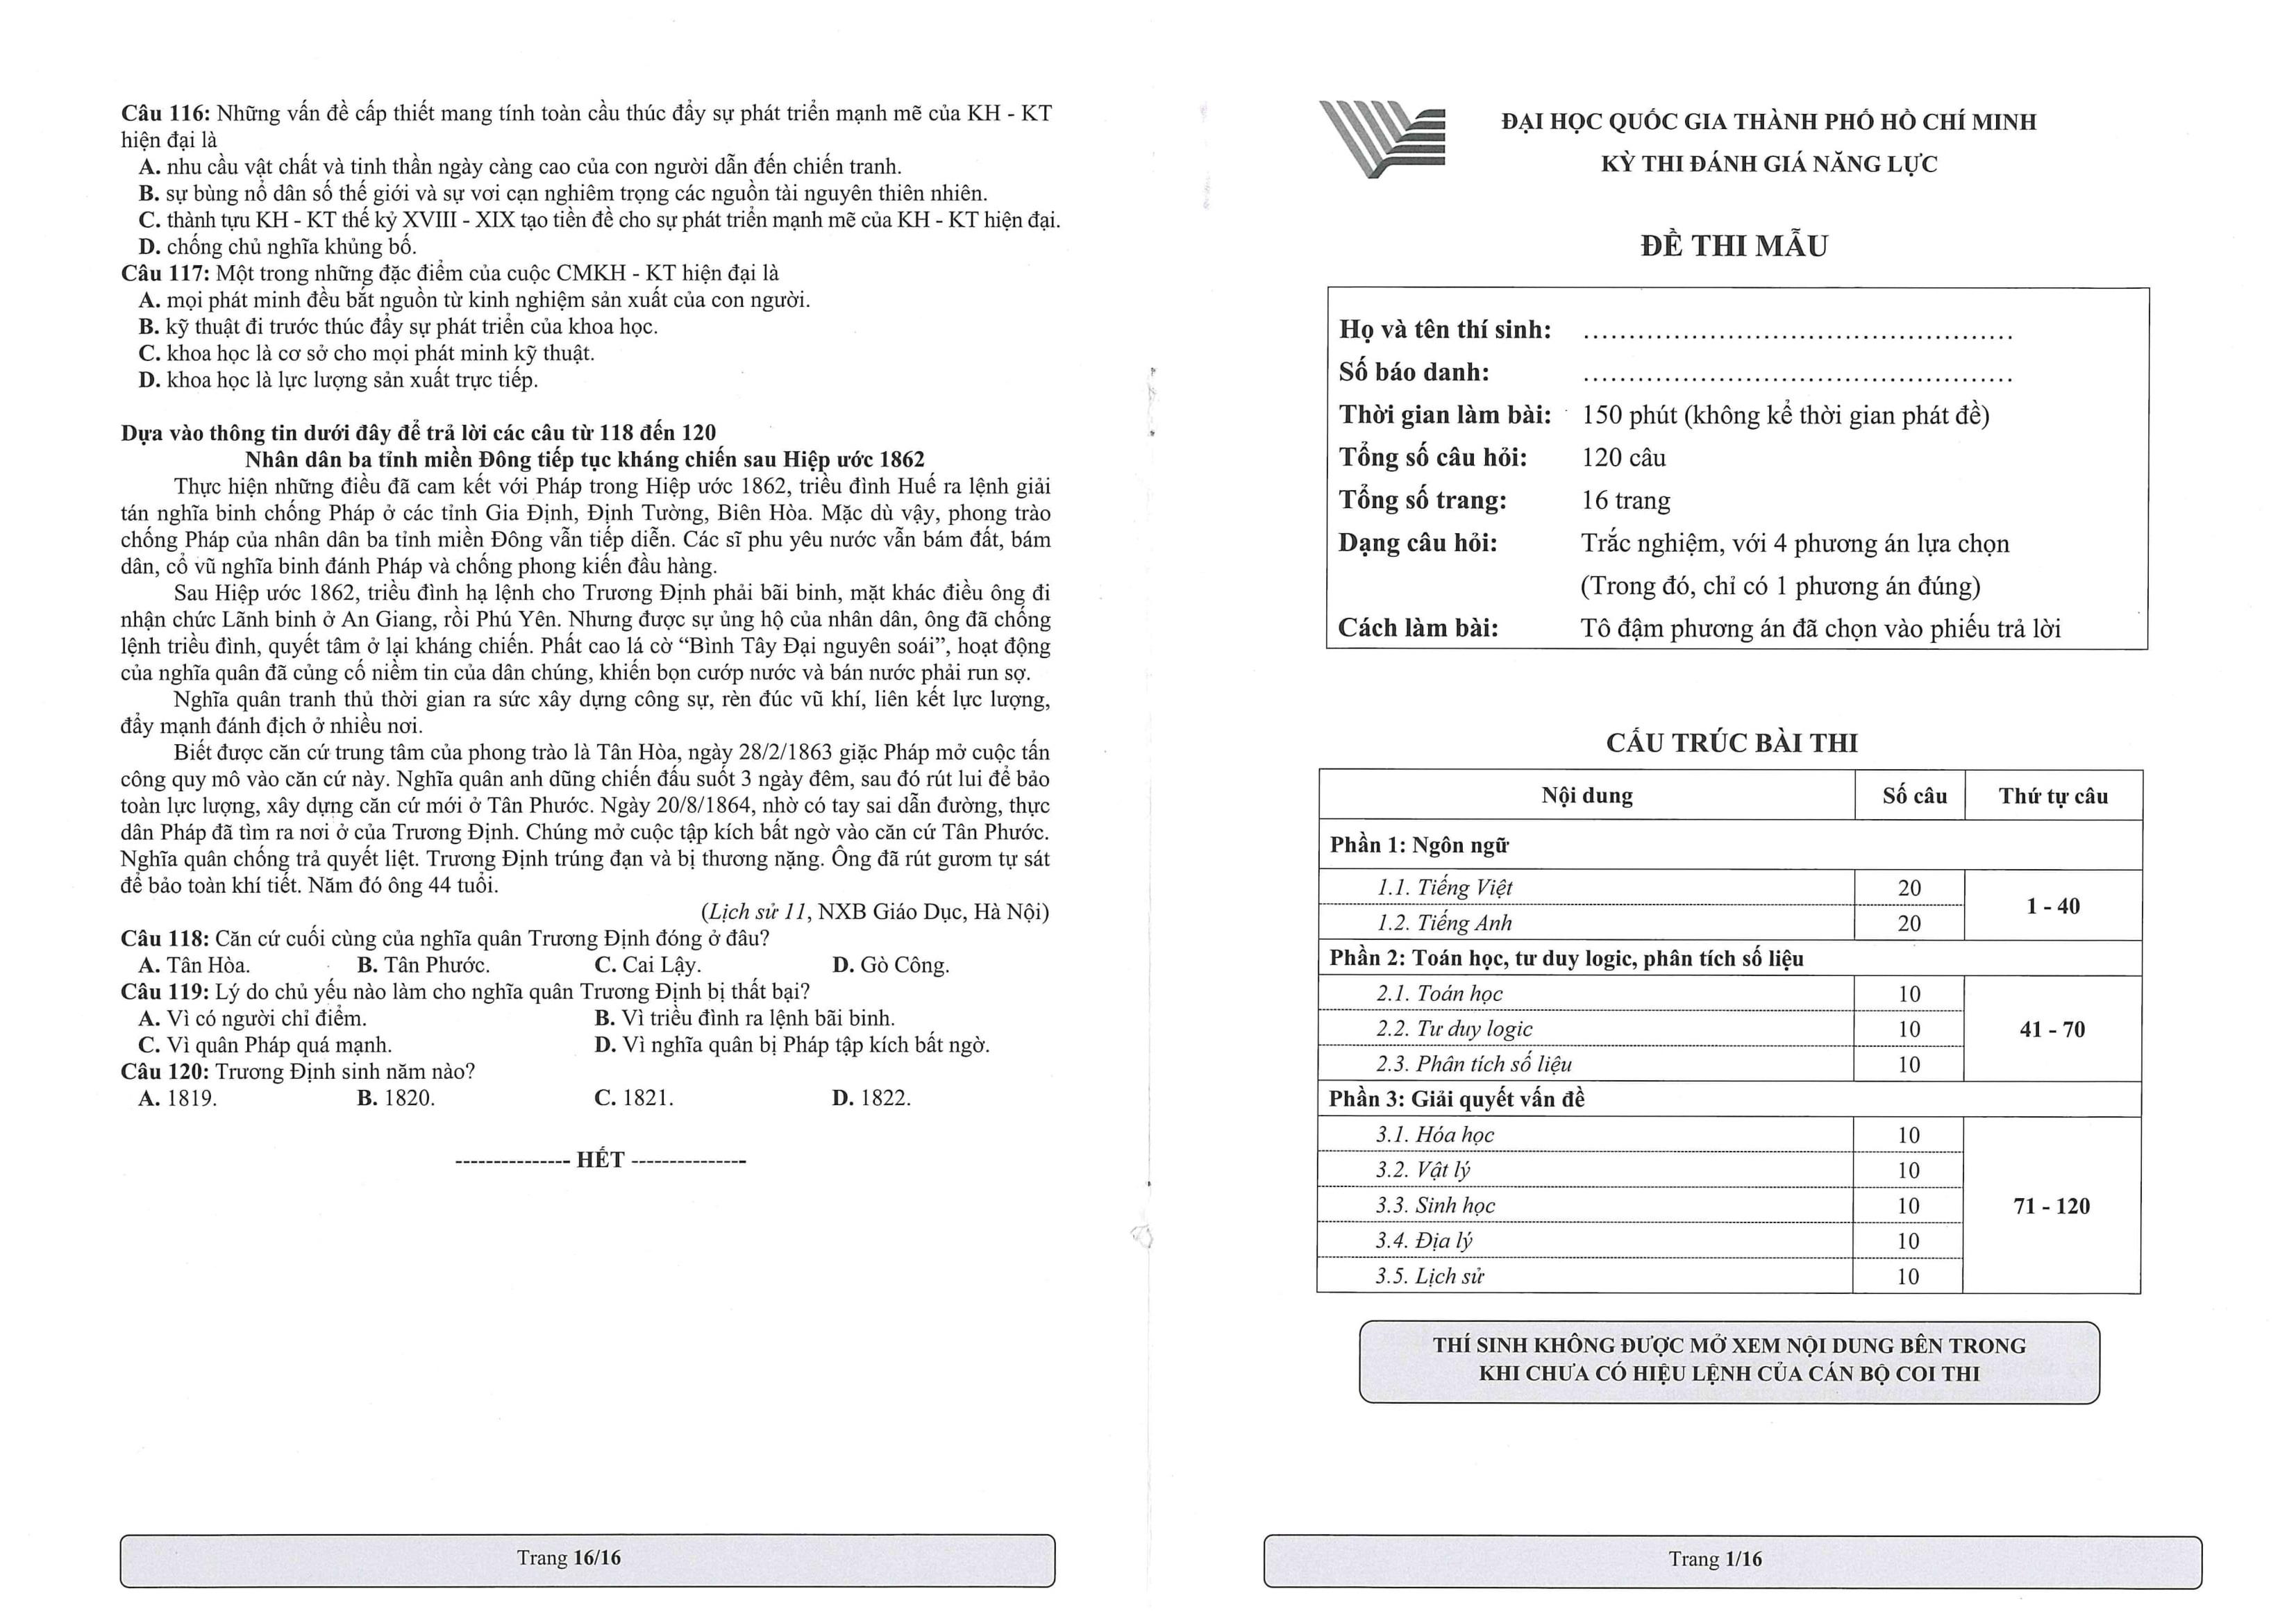 Bộ đề mẫu kỳ thi đánh giá năng lực năm 2021